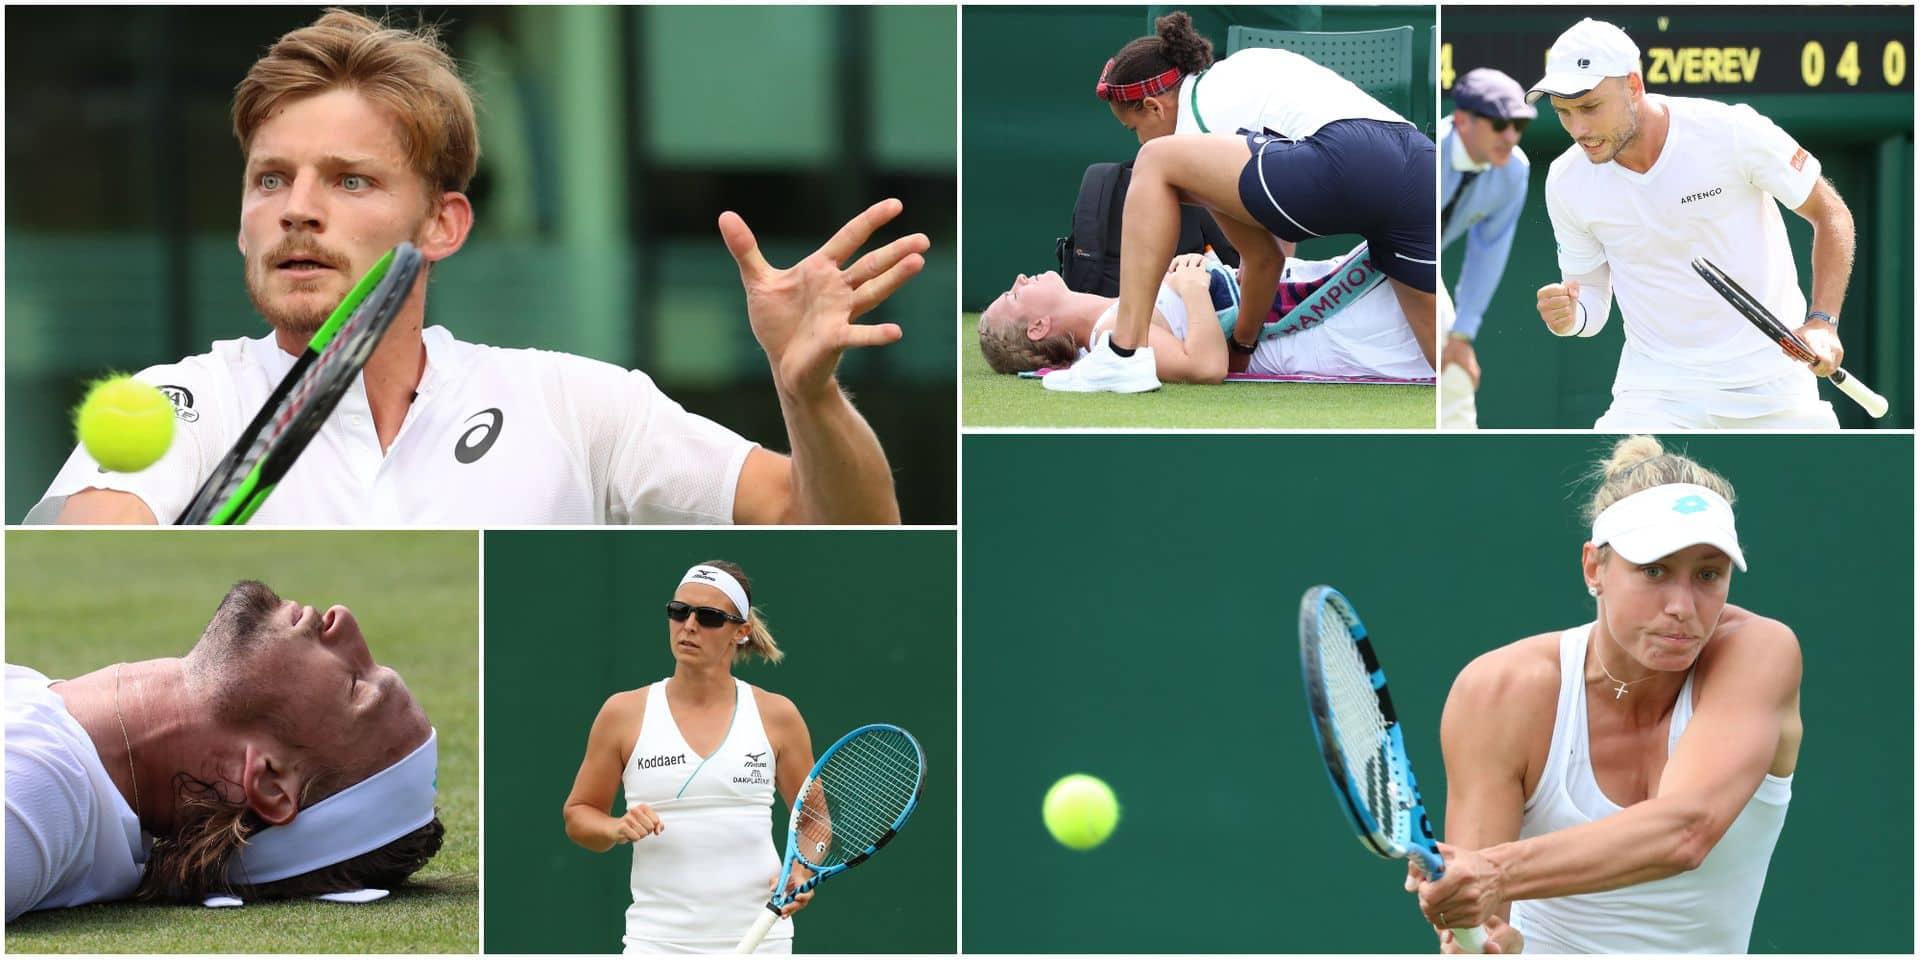 Les Belges à Wimbledon: Darcis et Flipkens déroulent, belle perf' de Wickmayer, Bemelmans et Bonaventure à la maison